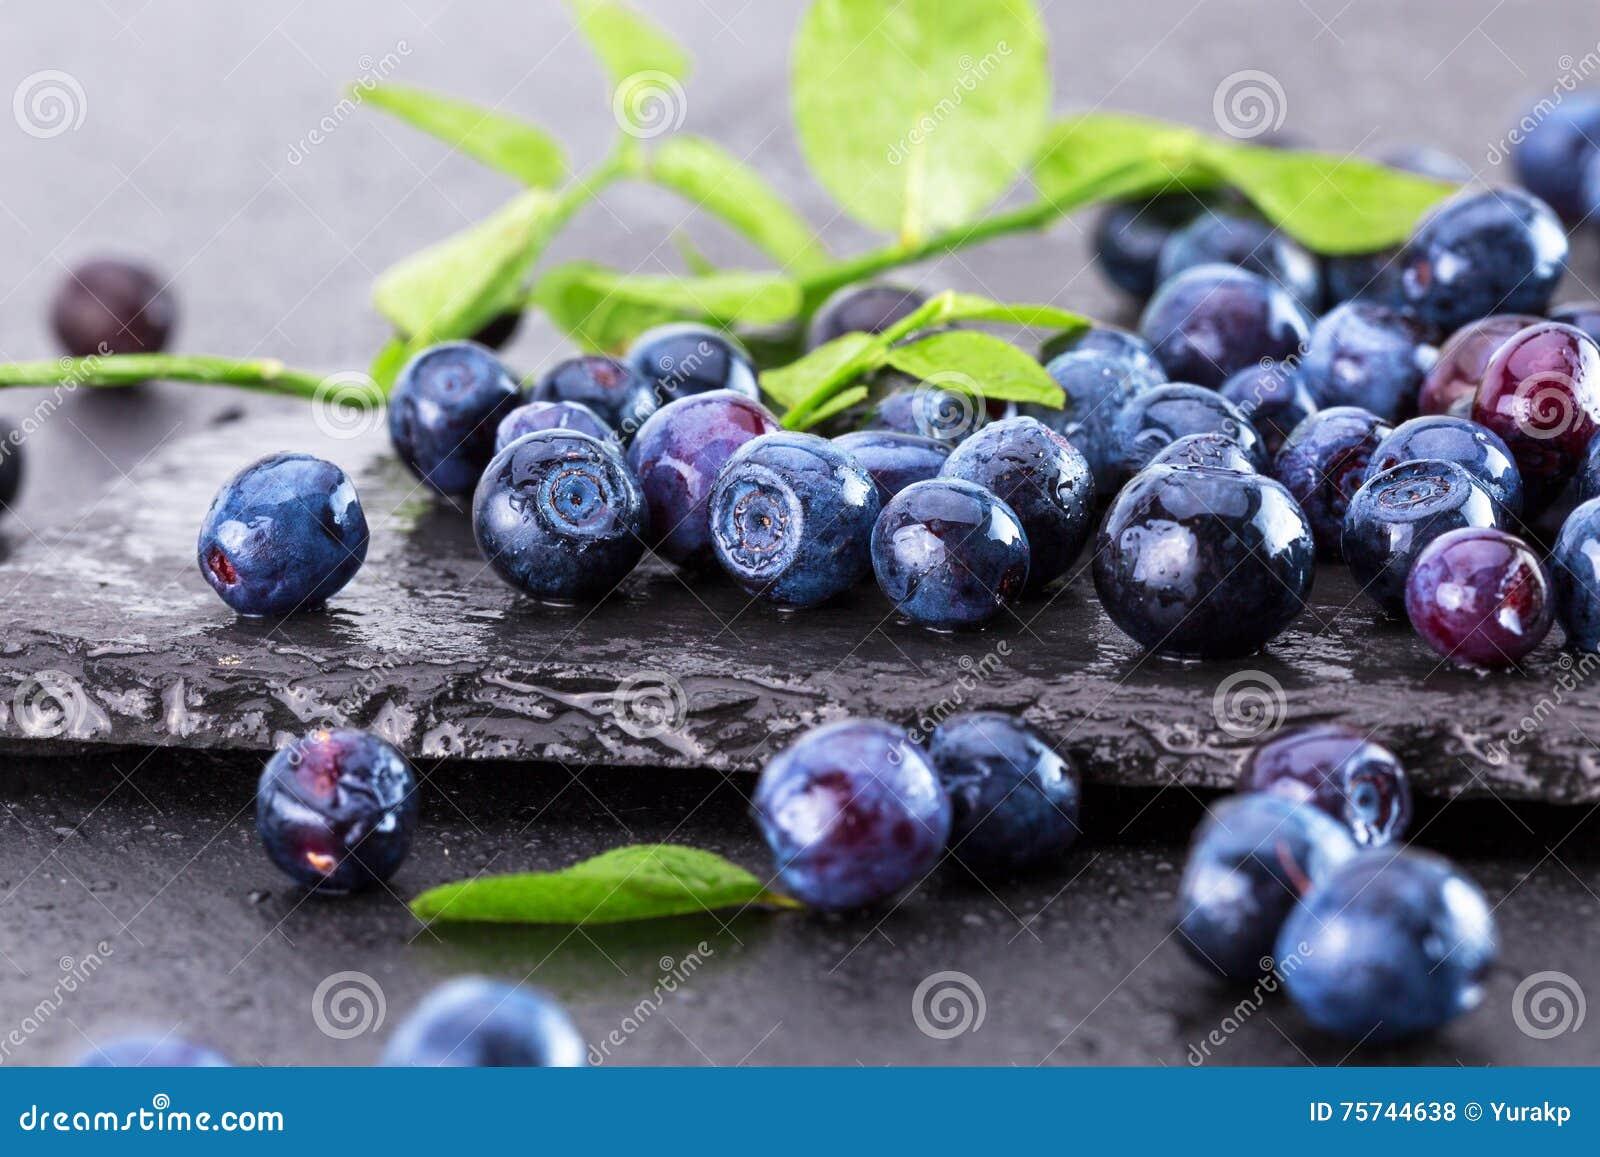 在板岩桌上的蓝莓